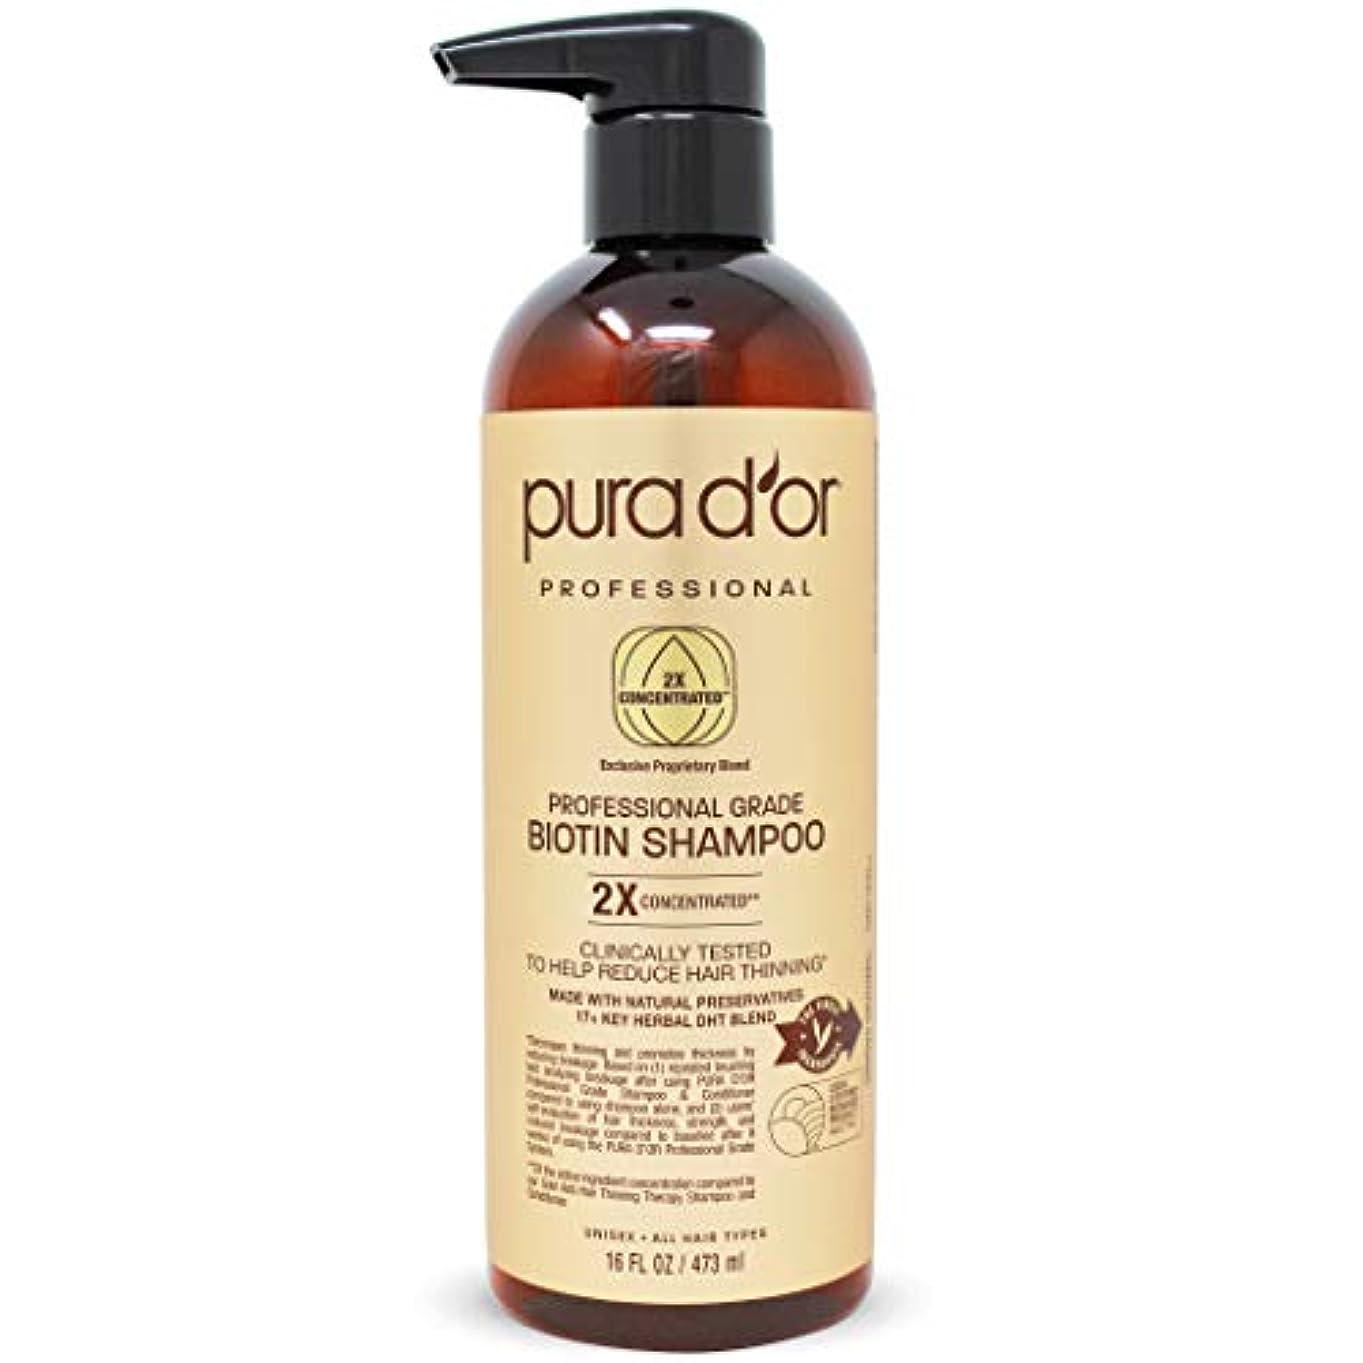 公平な優越歌詞PURA D'OR プロフェッショナル品質 薄毛対策 2X 濃縮 有効成分 効果を高める 天然成分 臨床試験済み、硫酸塩フリー、男性 & 女性、473 ml(16 液量オンス) シャンプー